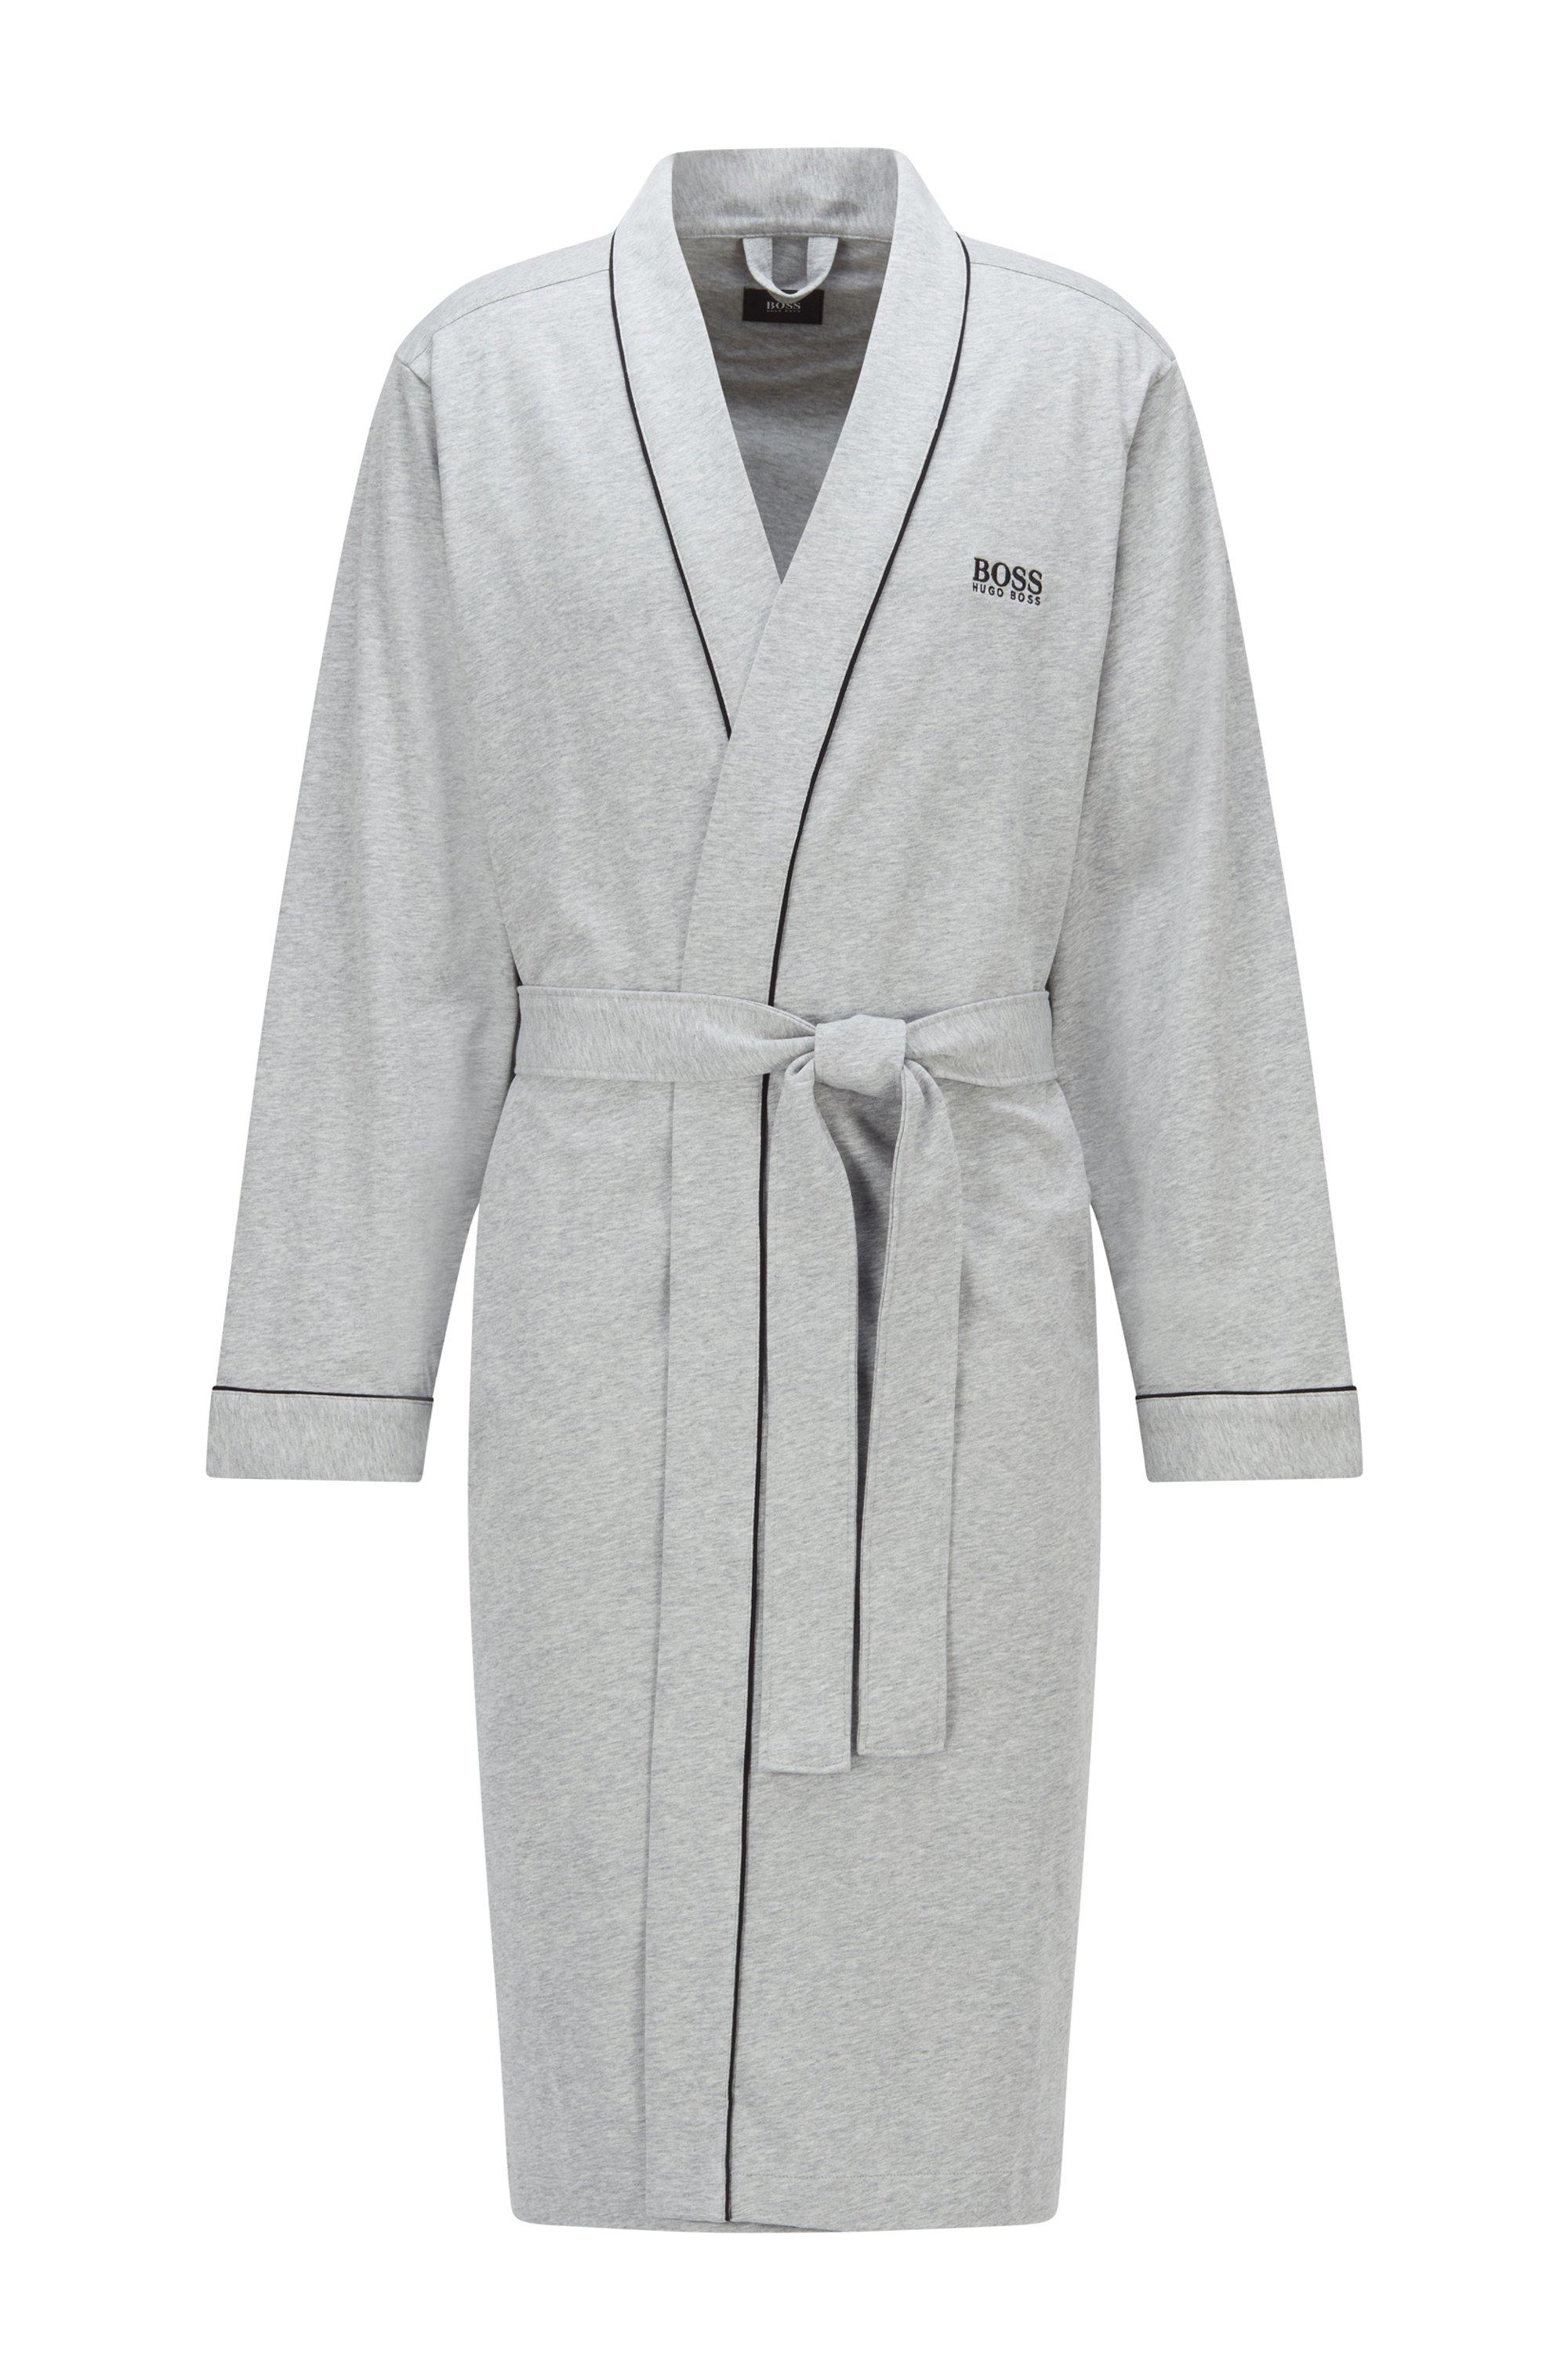 Morgenmantel aus gebürsteter Baumwolle im Kimono-Stil mit Logo, Grau